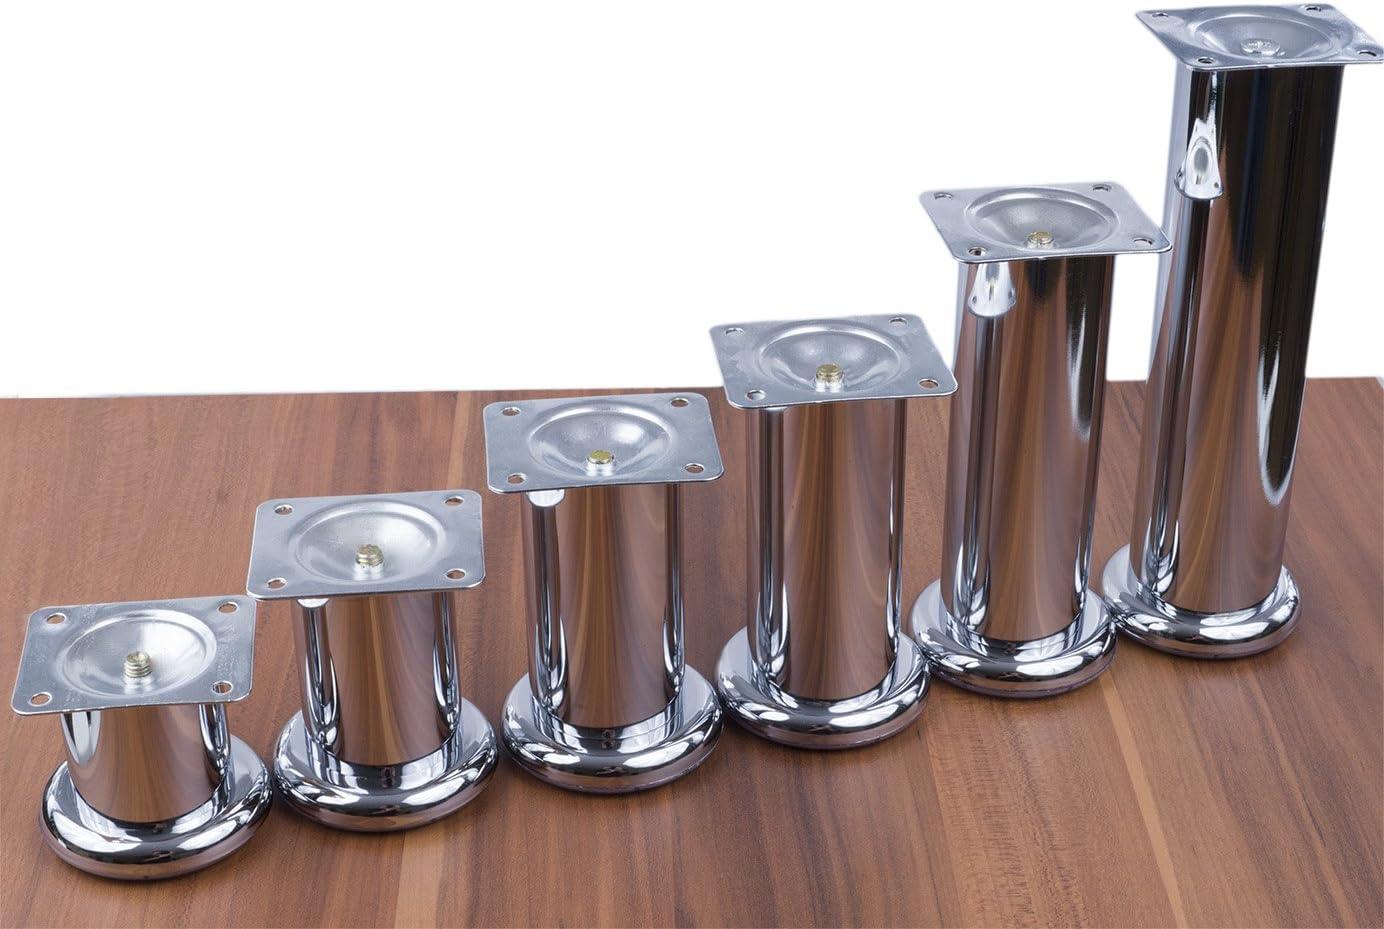 4 x CHROM M/öbelf/ü/ße /Ø47 mm L/änge 150 mm M/öbelfu/ß Sockelfu/ß Sockelf/ü/ße Tischfu/ß M/öbel Fu/ß F/ü/ße